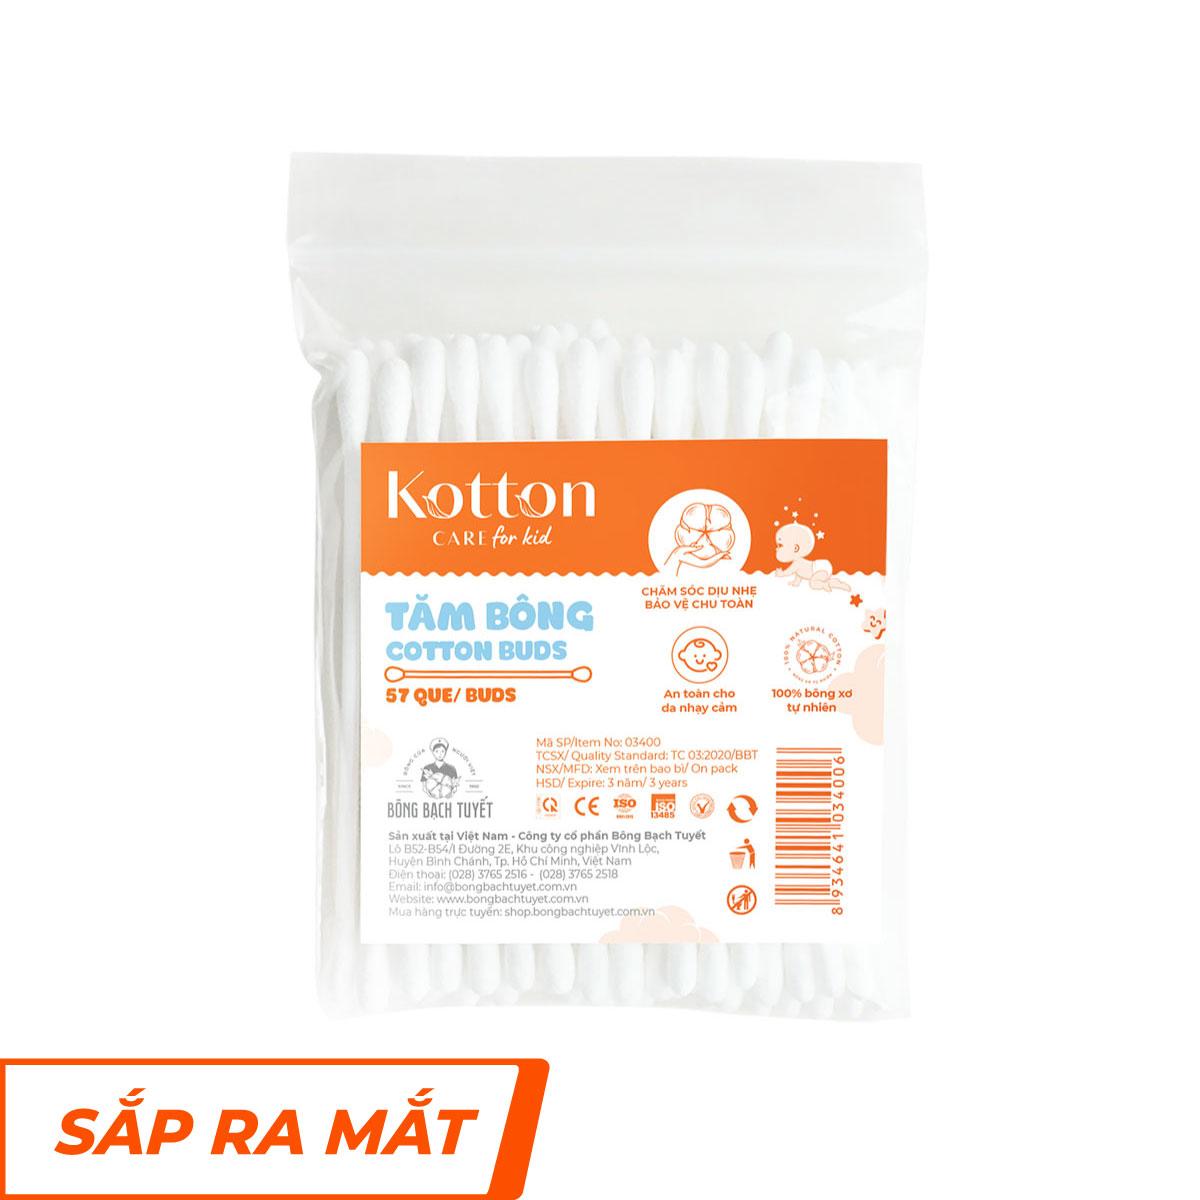 Tăm bông trẻ em thân nhựa gói 55 que Kotton Care for Kid